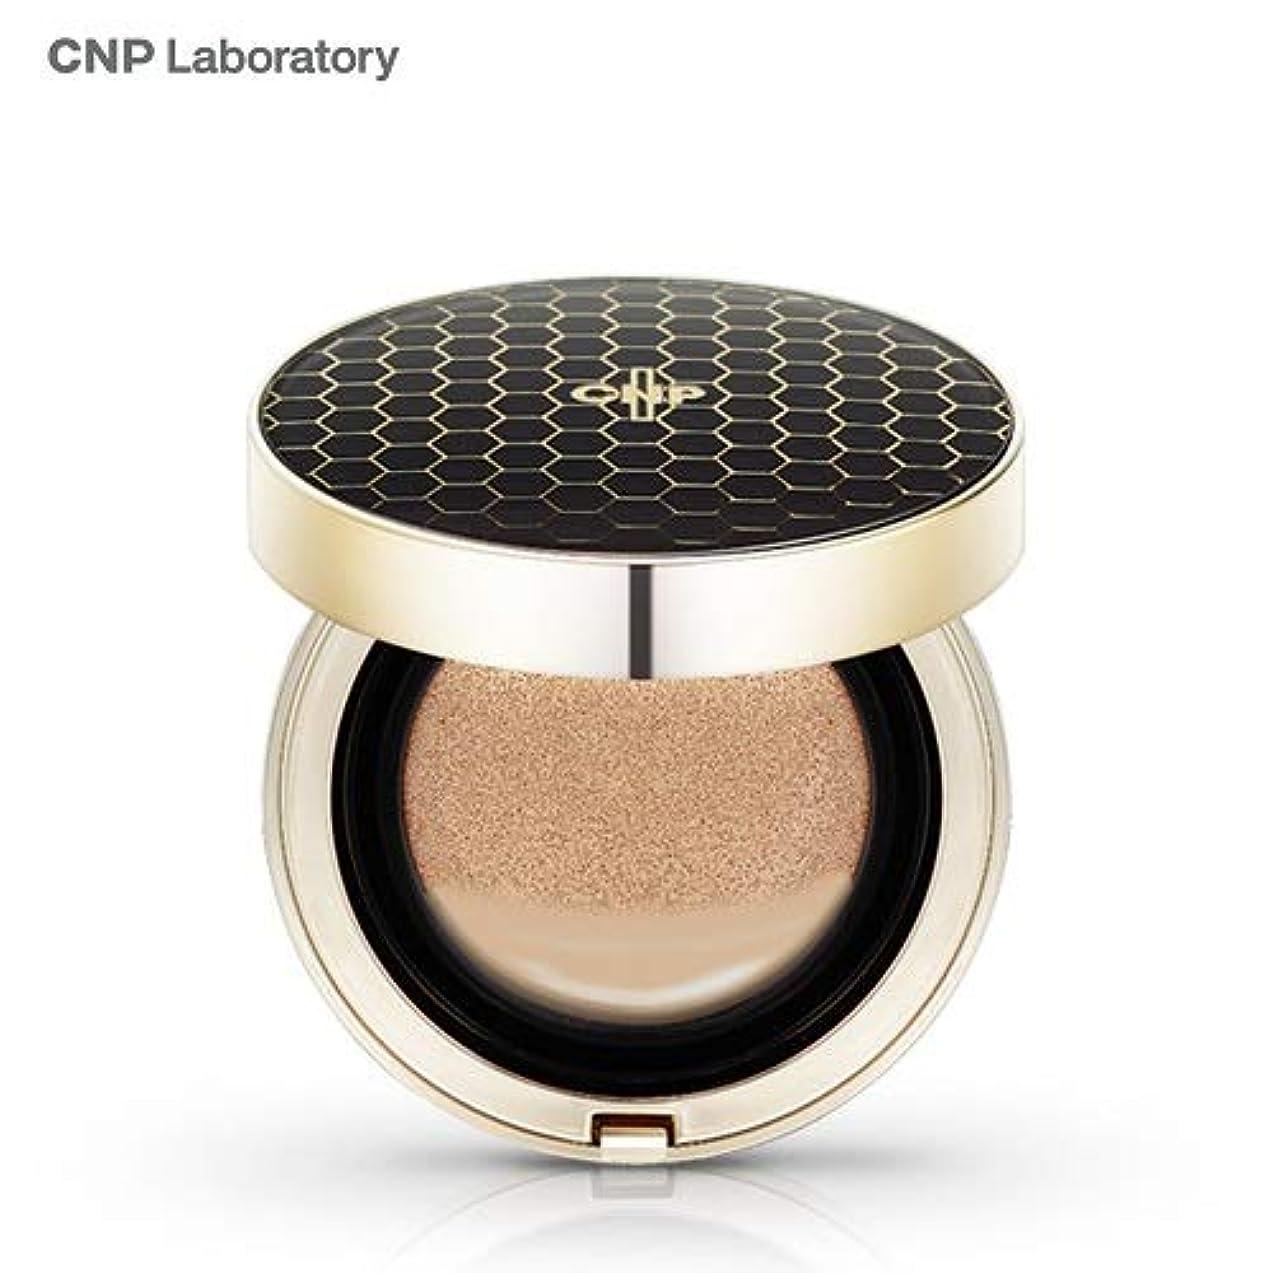 滴下ドット航空機CNP Laboratory プロポリスアンプルインクッション21(オリジナル+詰め替え用) / Propolis ampule In Cushion 21 (original + refill) 15g+15g [並行輸入品]